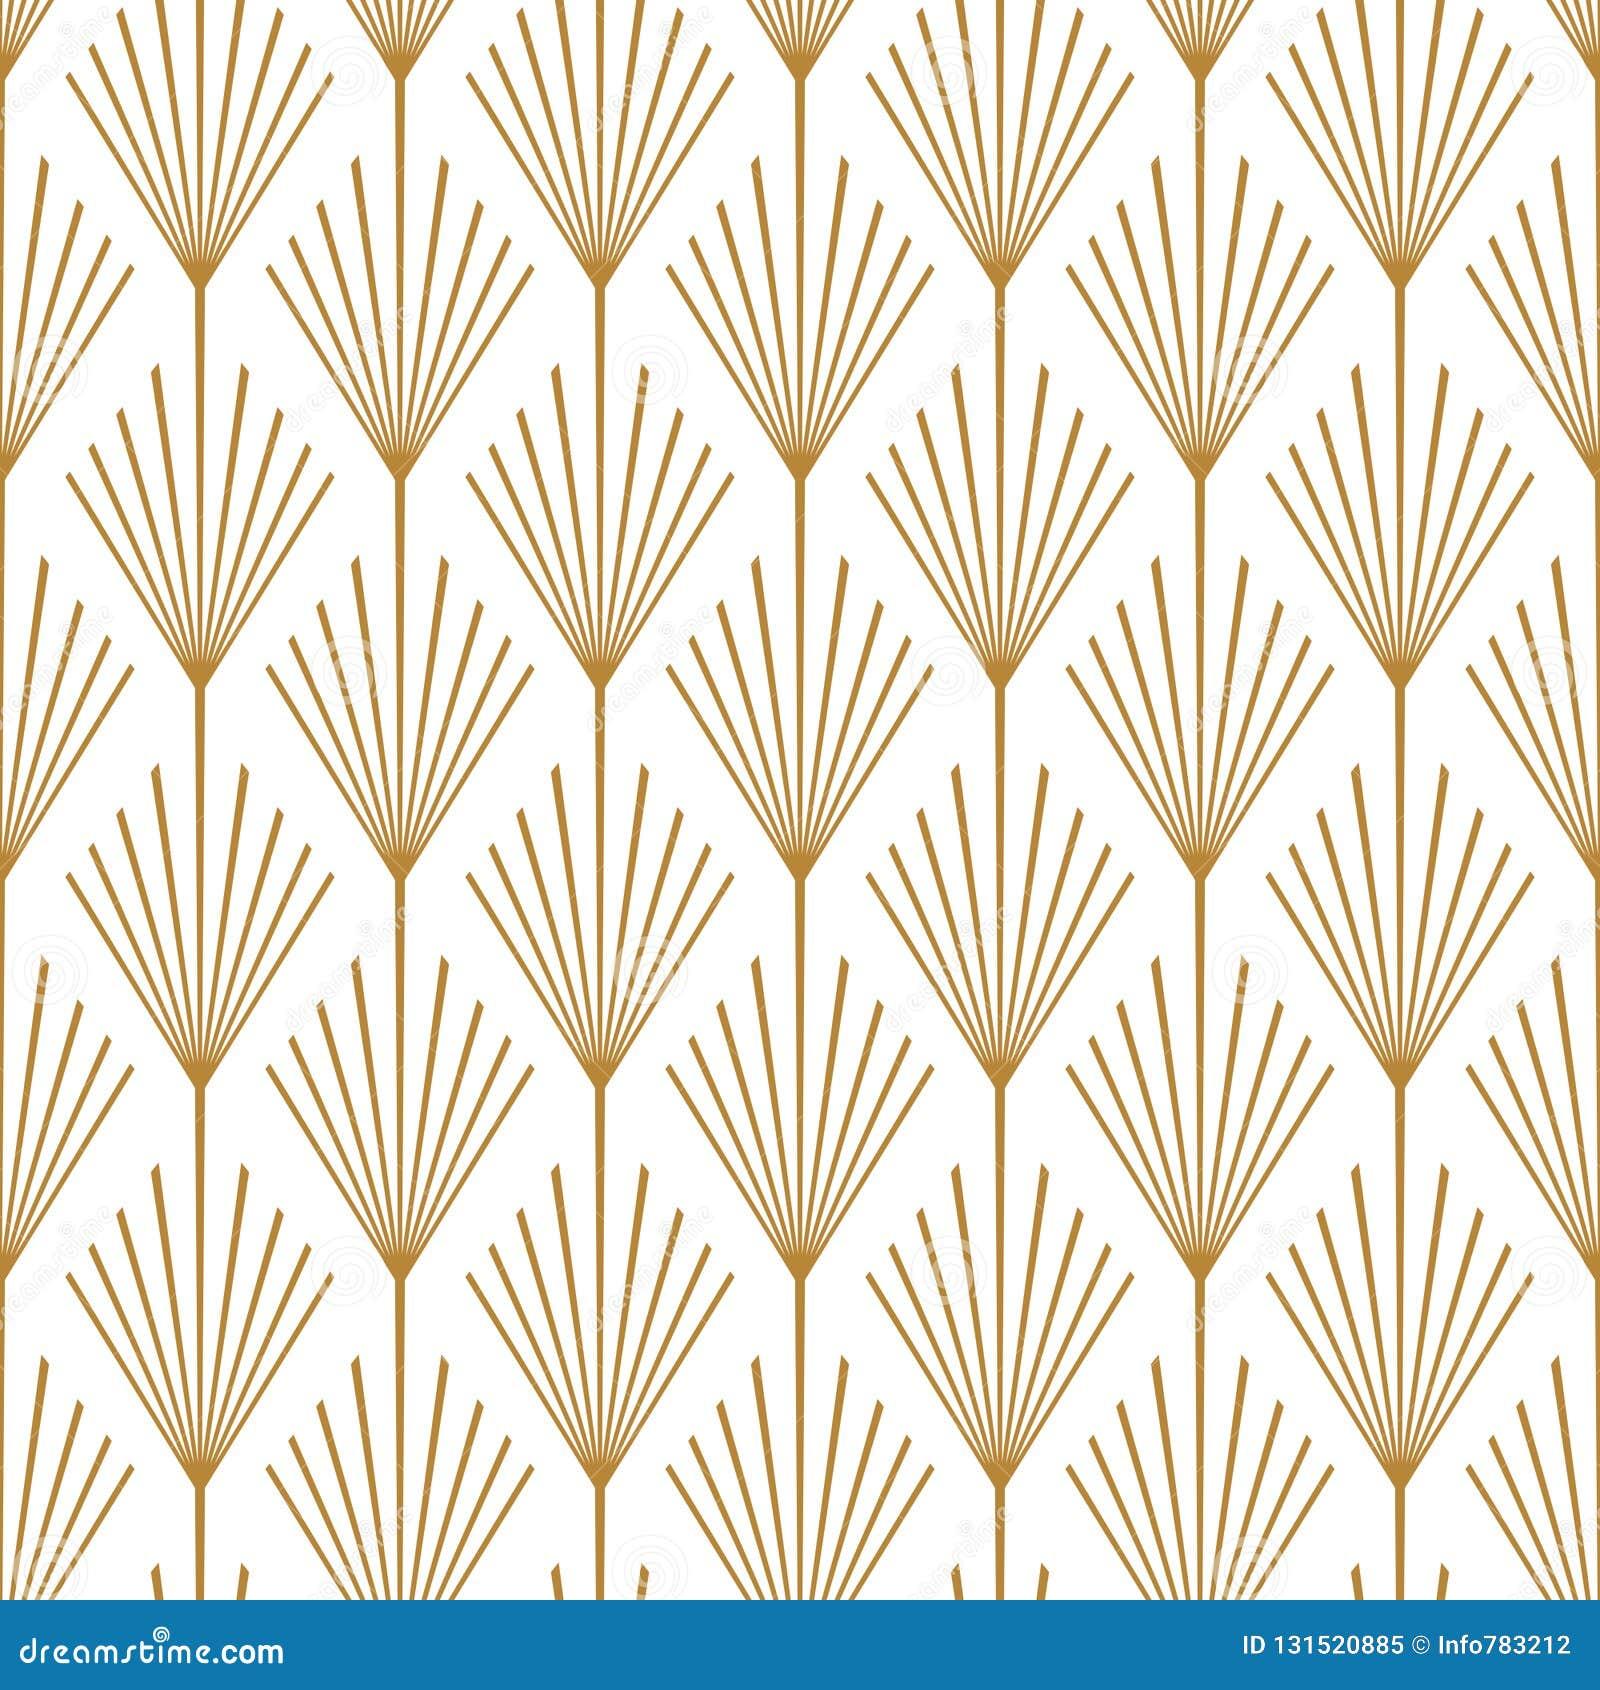 Papier Peint Art Deco Blanc cuivre d'art deco seamless vector pattern illustration de